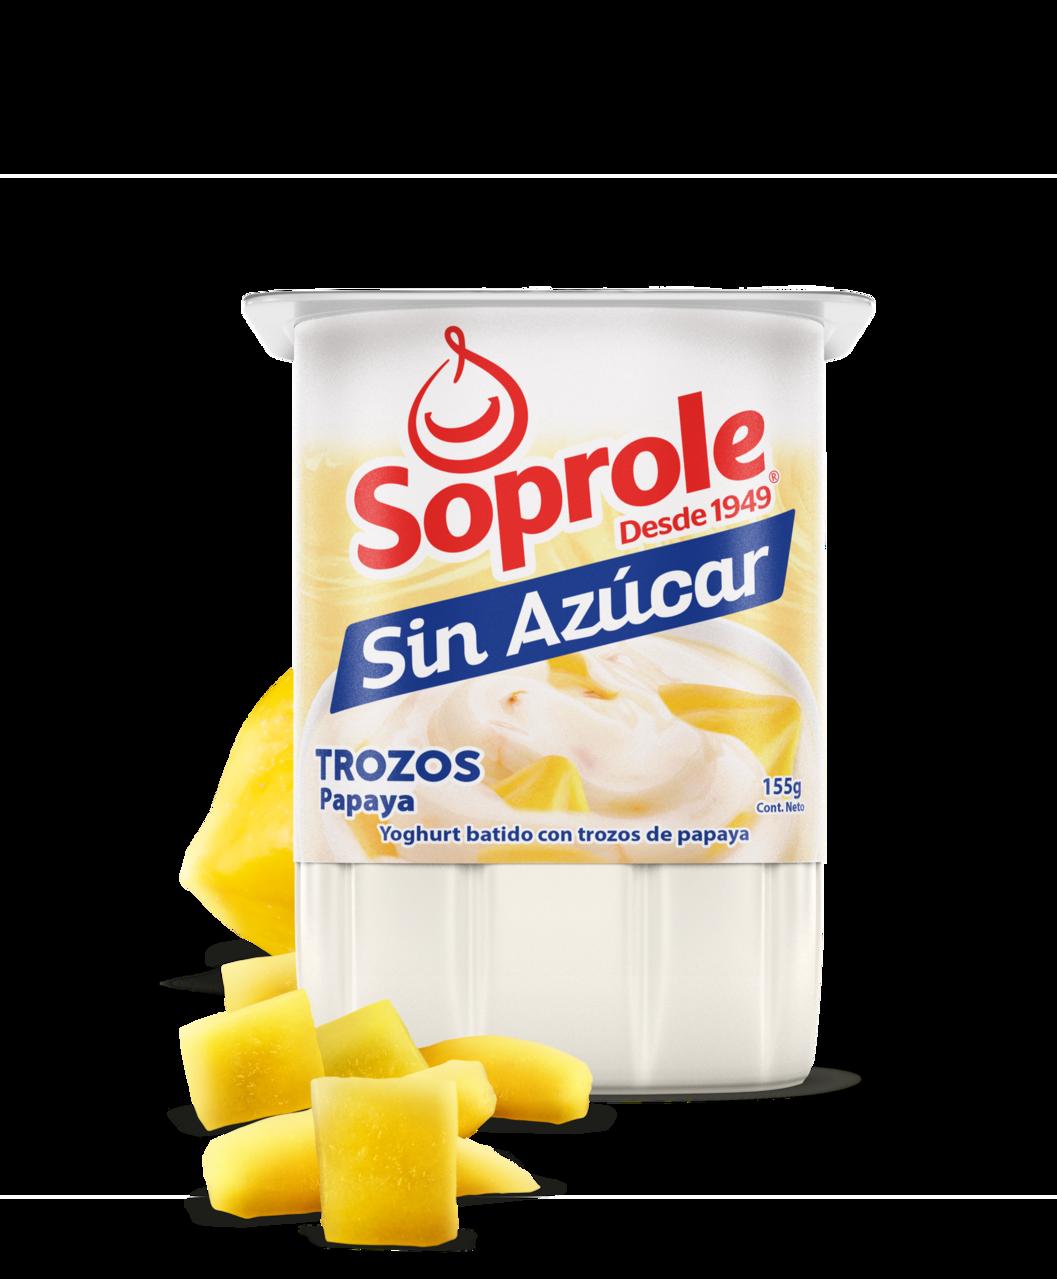 Soprole Yoghurt sin azúcar Trozos Papaya 155